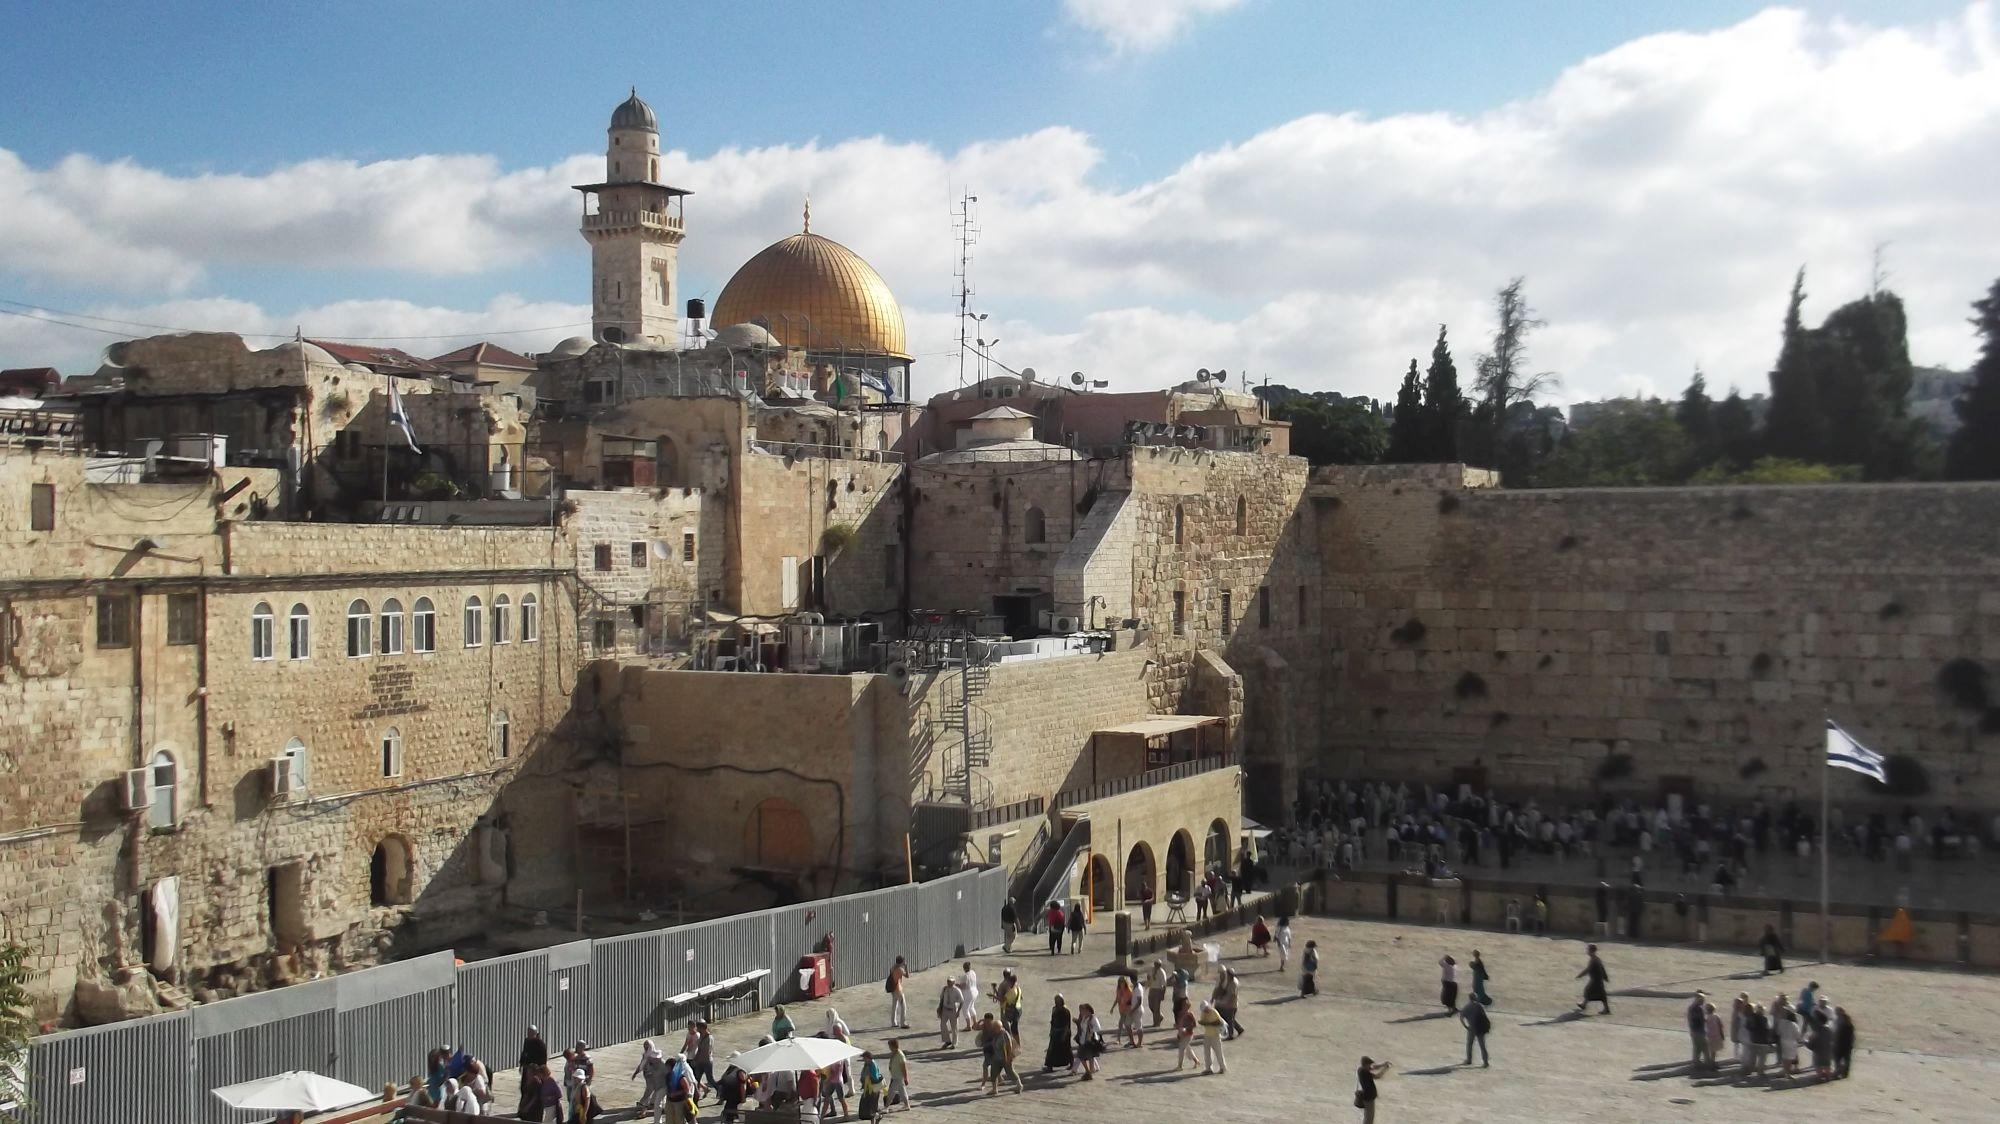 Bliski Wschód - Izrael część 1 - przewodnik-zdjęcia-atrakcje turystyczne